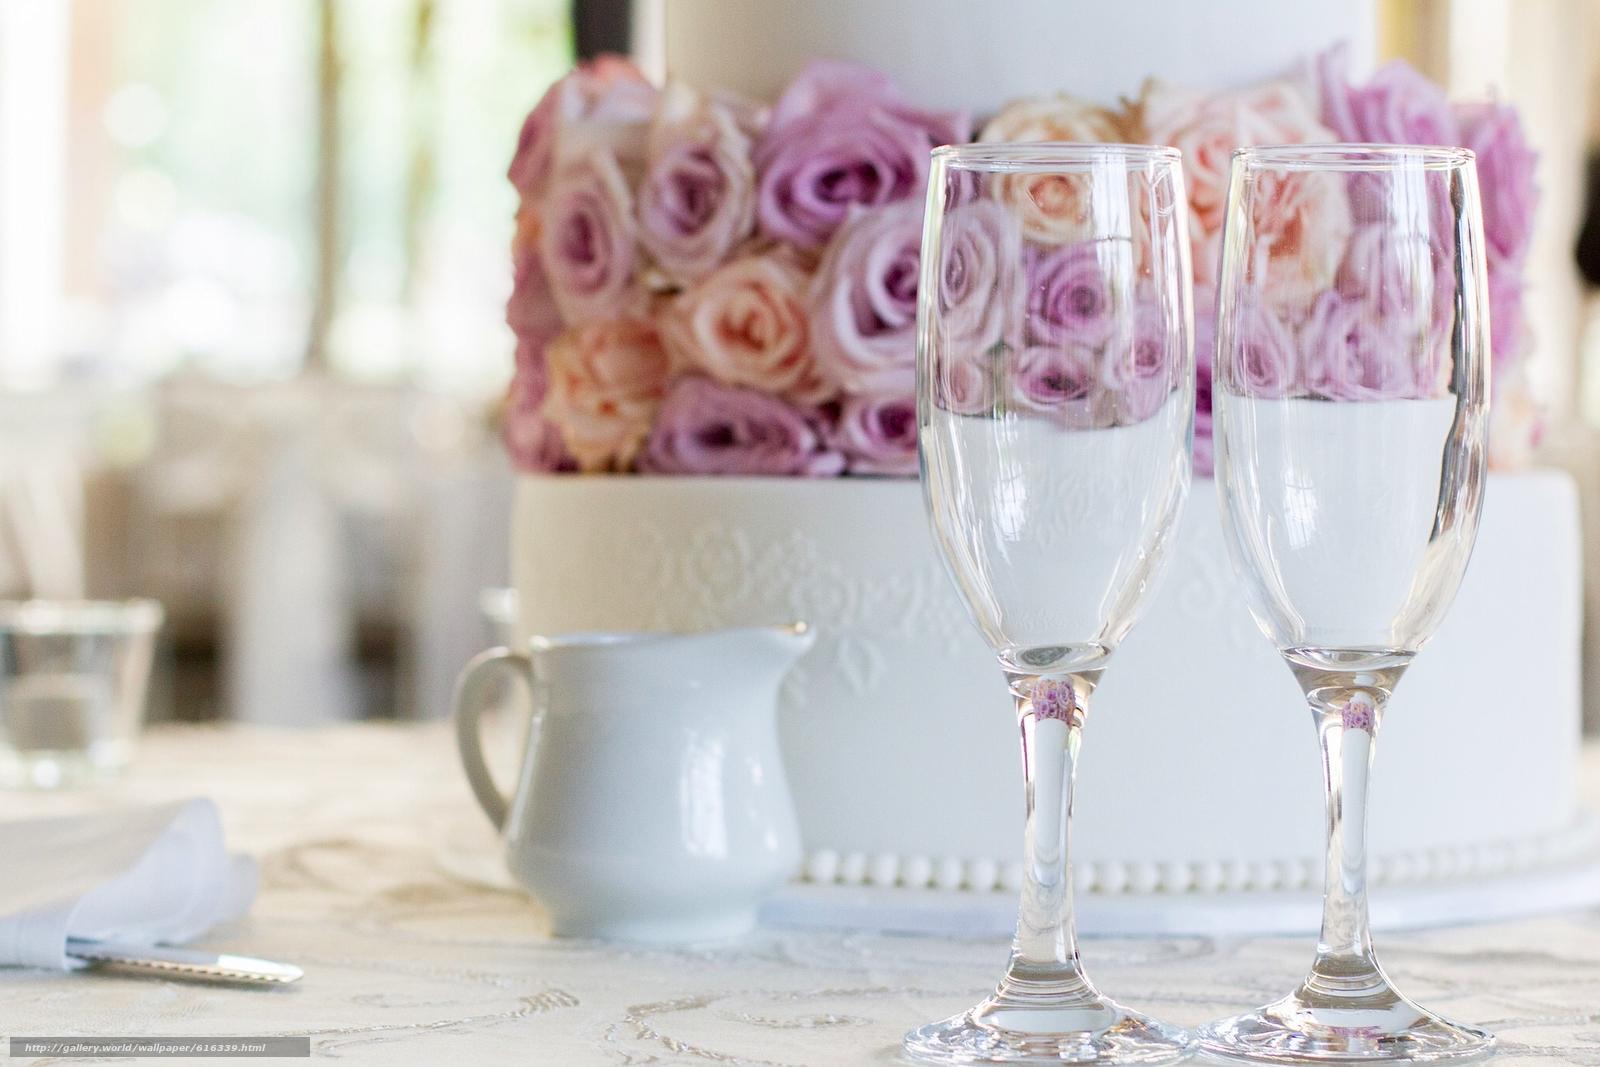 Скачать на телефон обои фото картинку на тему свадебный торт, торт, бокалы, разширение 2048x1366